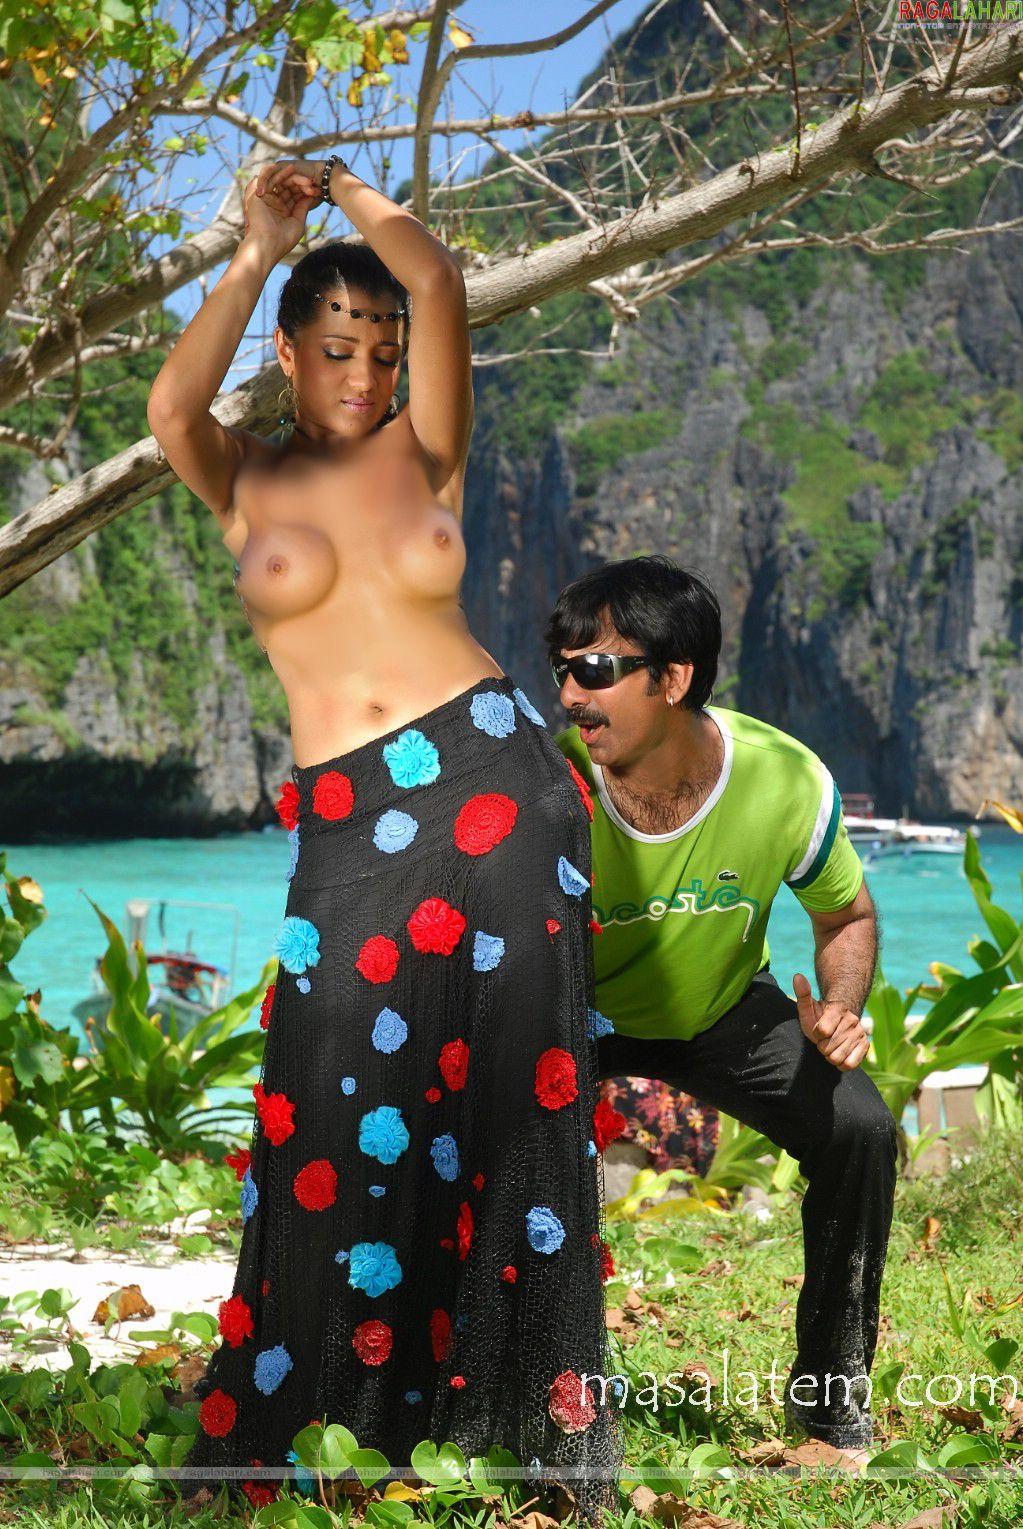 http://3.bp.blogspot.com/-o86tNpFIccM/TpAOH1G9vtI/AAAAAAAABlM/l3KucYjx0Ms/s1600/Trisha+boobs.jpg